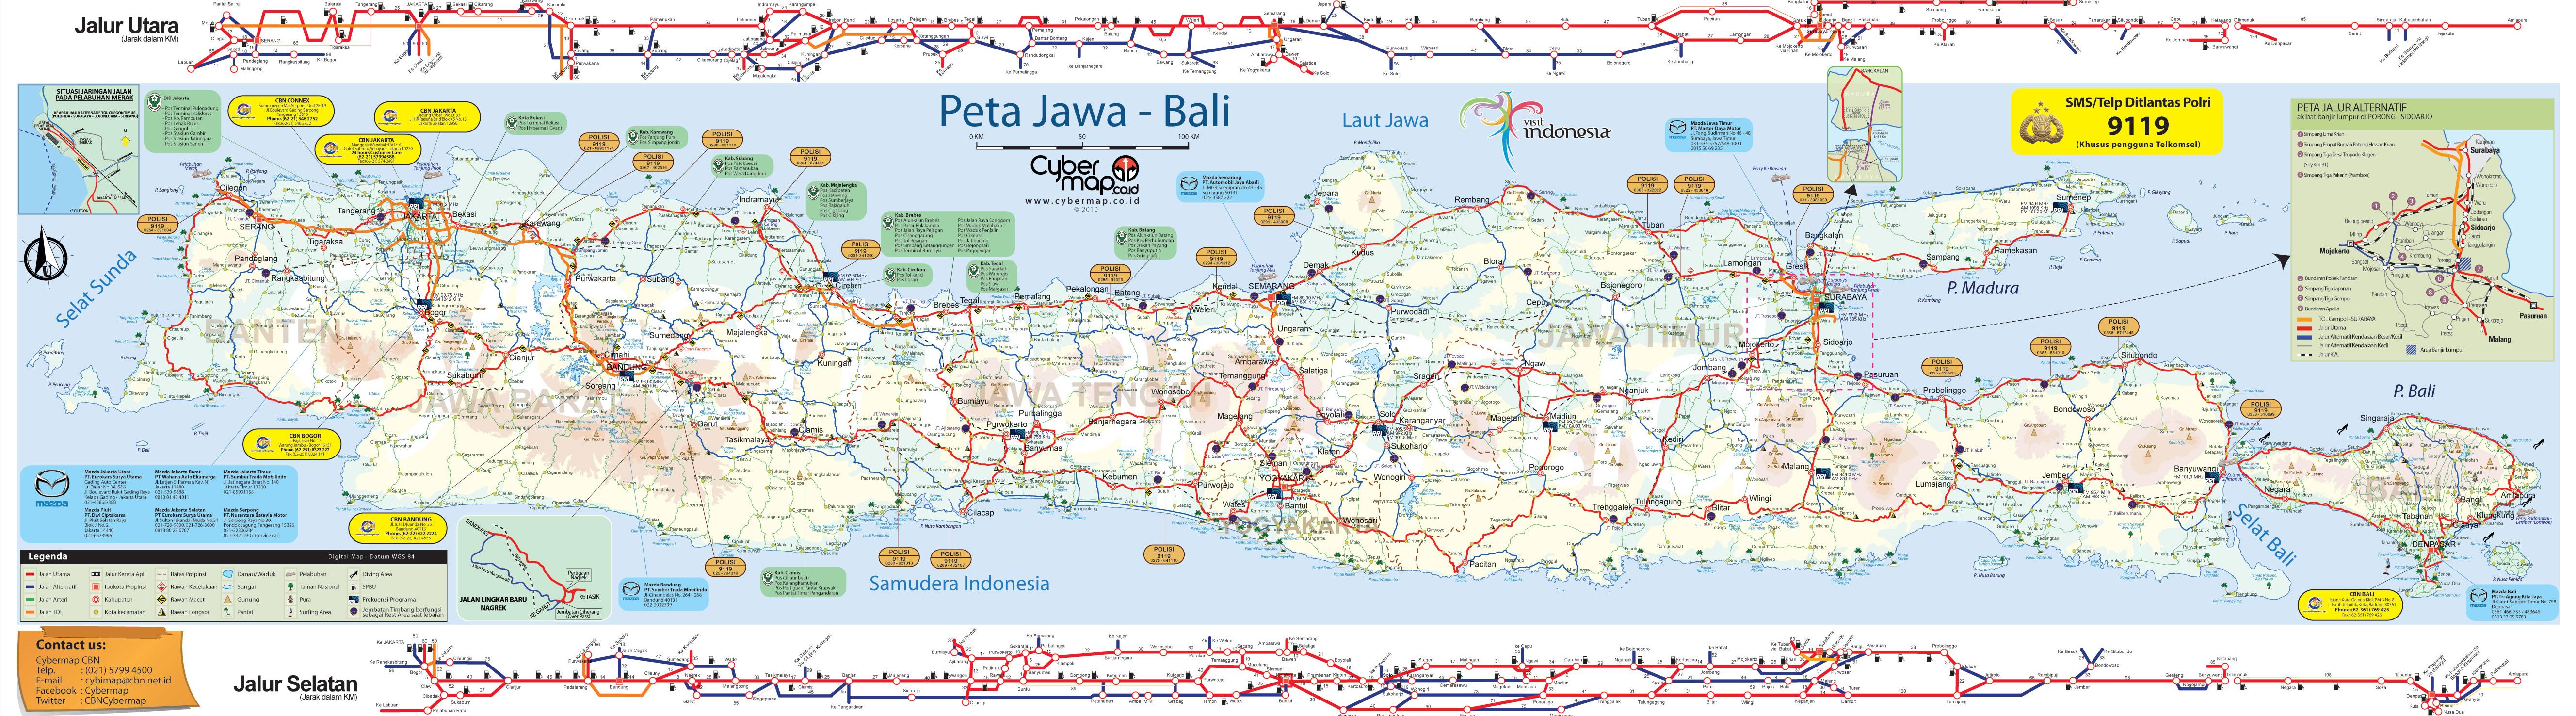 Lengkap Gratis Peta Jalur Mudik 2012 Utara Pantura Siap Gambar